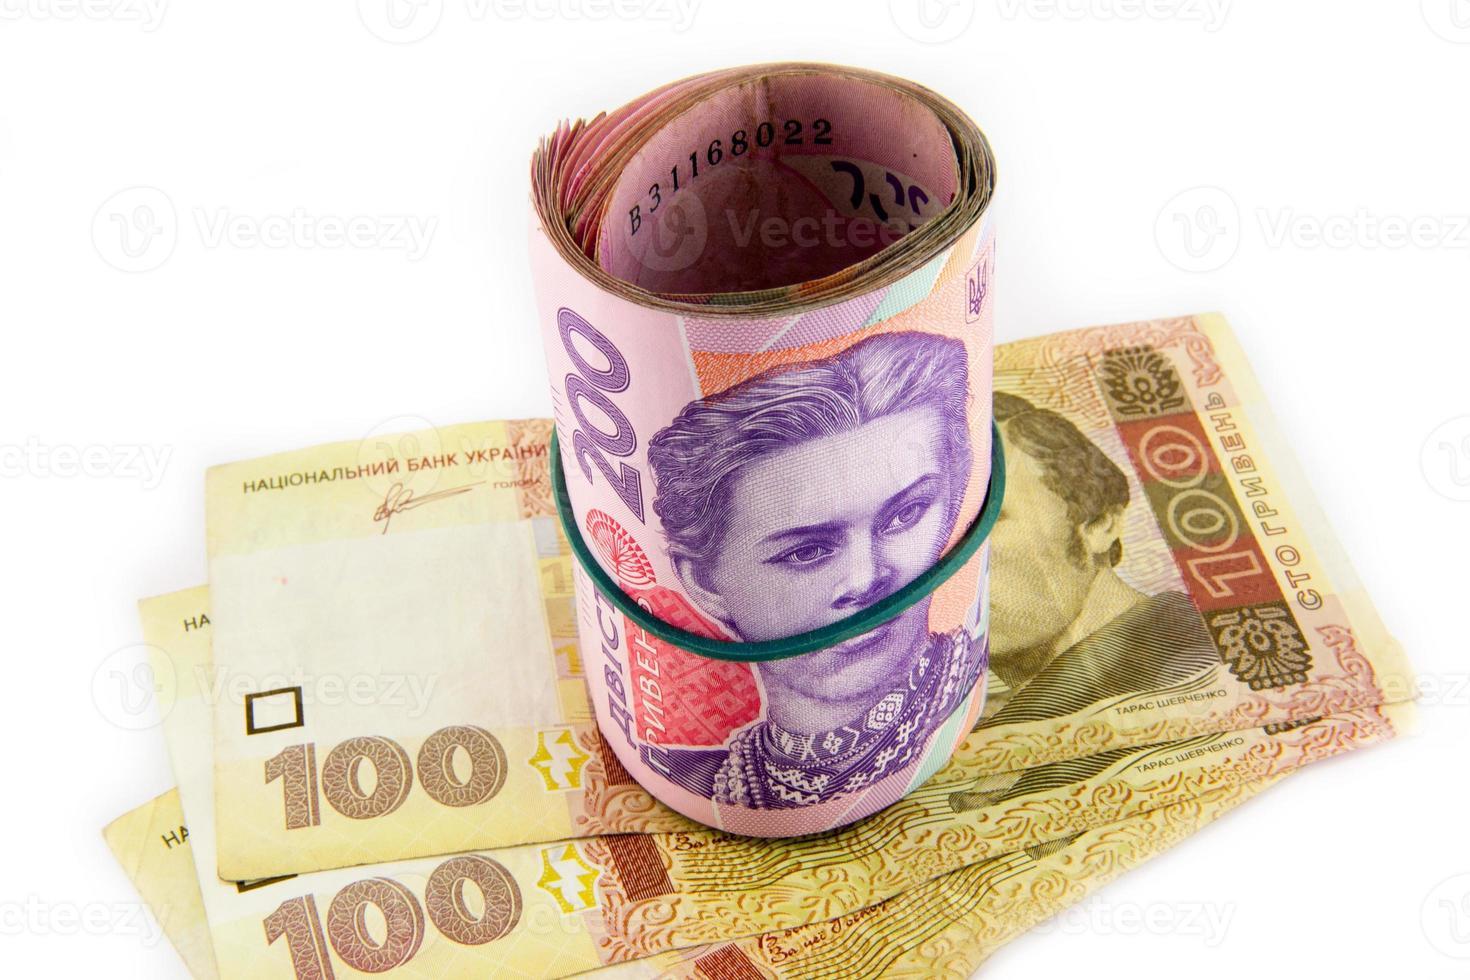 hryvnia ukrainienne bouchent photo